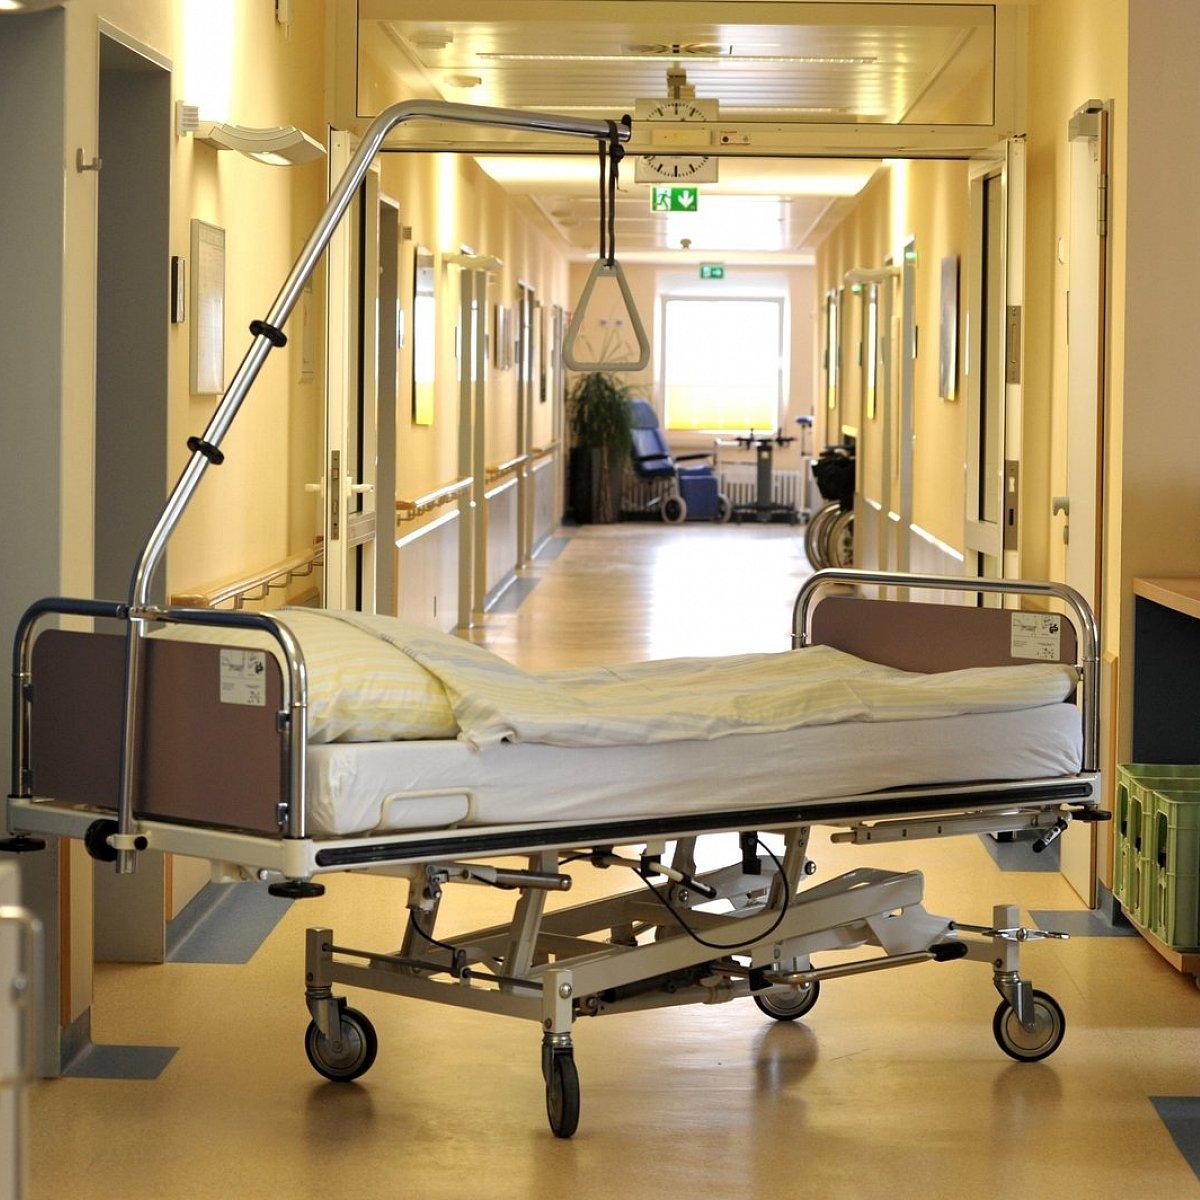 Full Size of Krankenhaus Bett Debatte Um Kliniken Warum Halle Das Fr Nicht Chesterfield Schramm Betten Köln Erhöhtes Günstig Kaufen 180x200 200x200 Mit Bettkasten Breite Bett Krankenhaus Bett